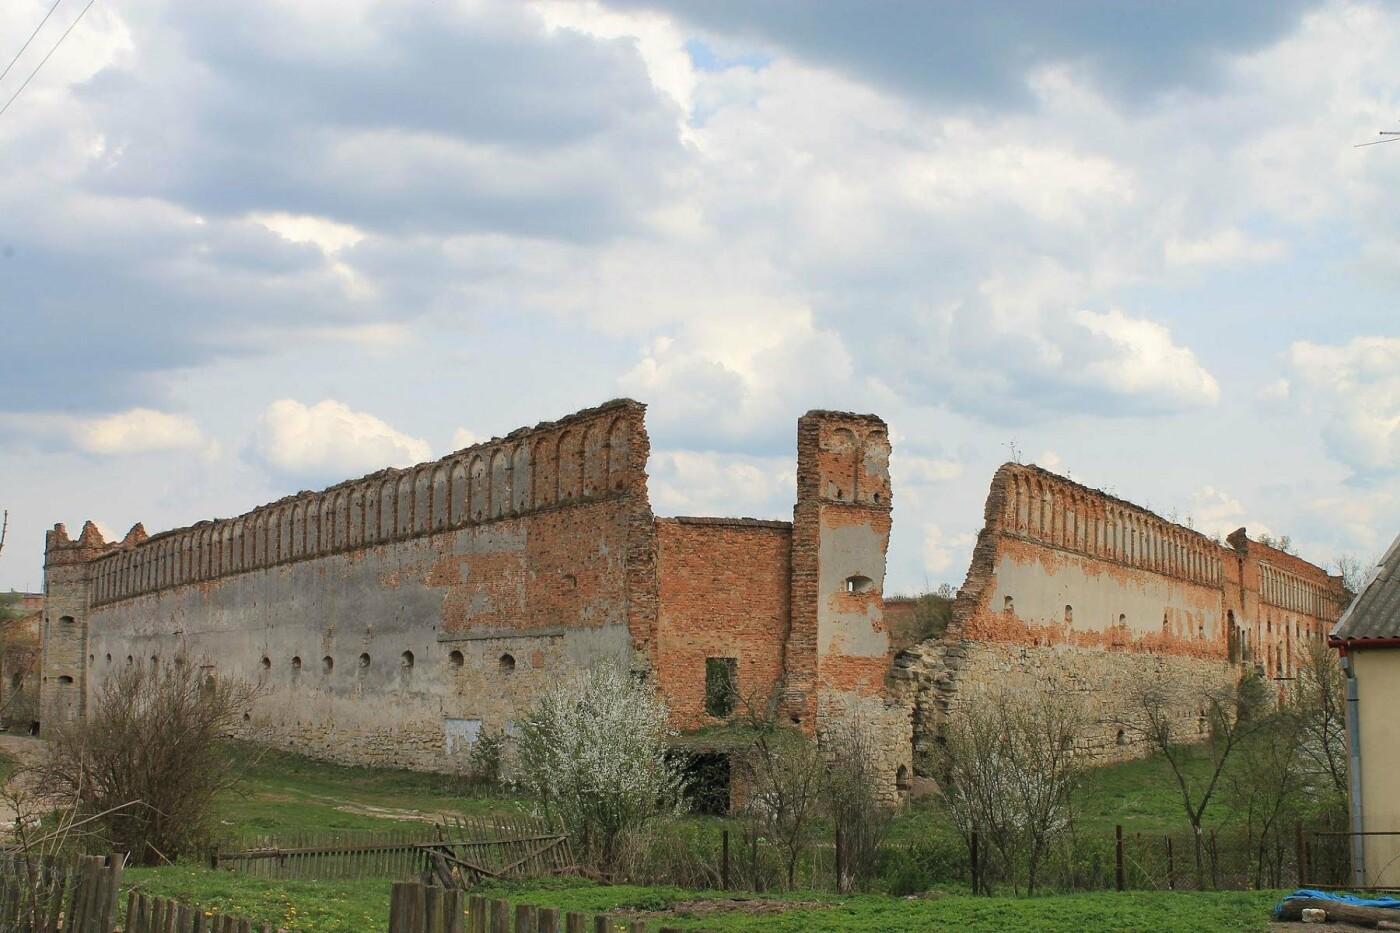 Невероятная Украина. От Луцка до Львова: 9 замков, подземелья и лавра (ФОТО, КАРТА, ЦЕНЫ), фото-42